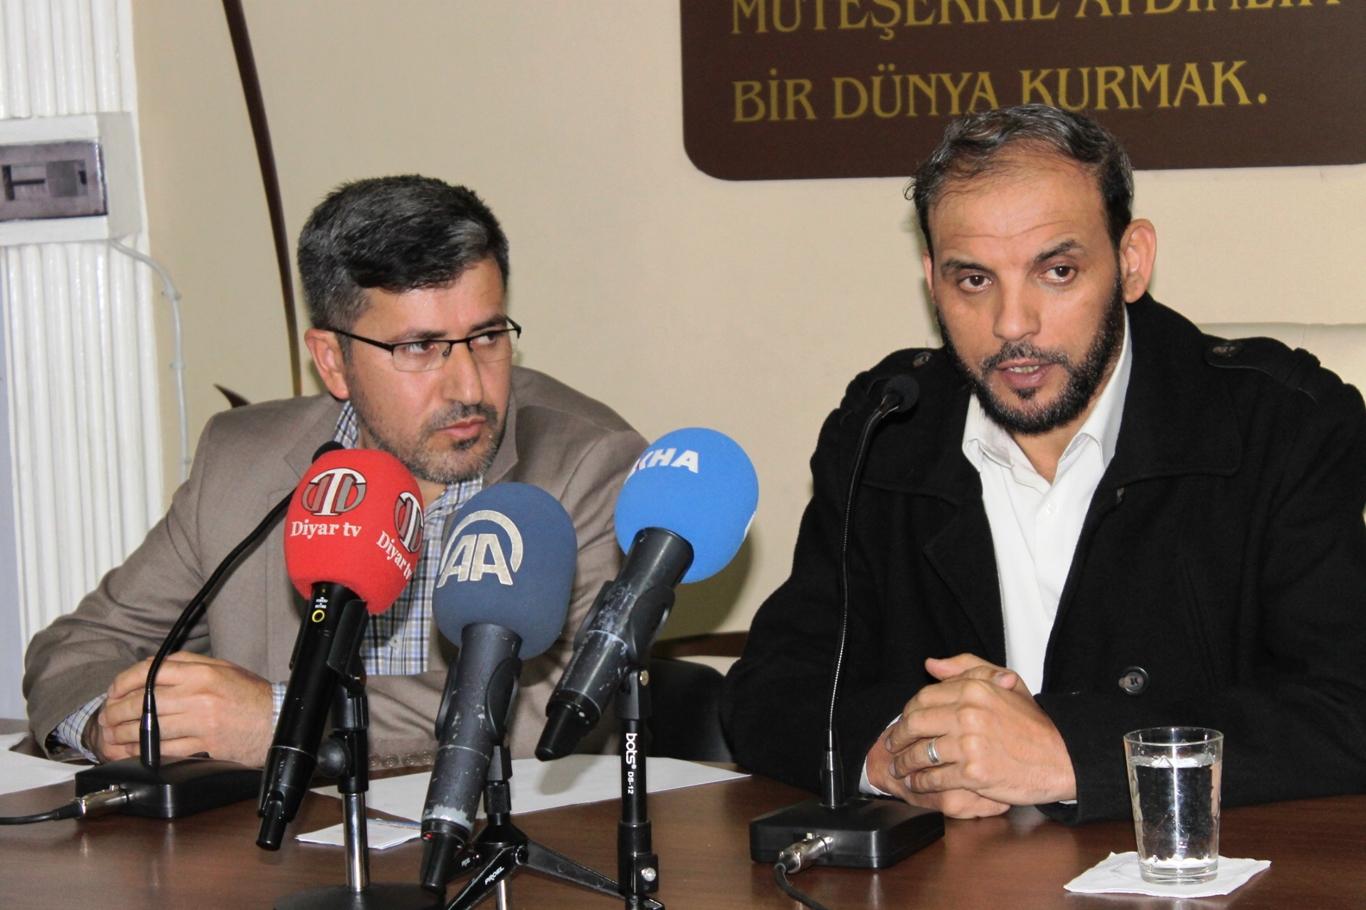 Hamas Lideri Diyarbakır'da Konuştu